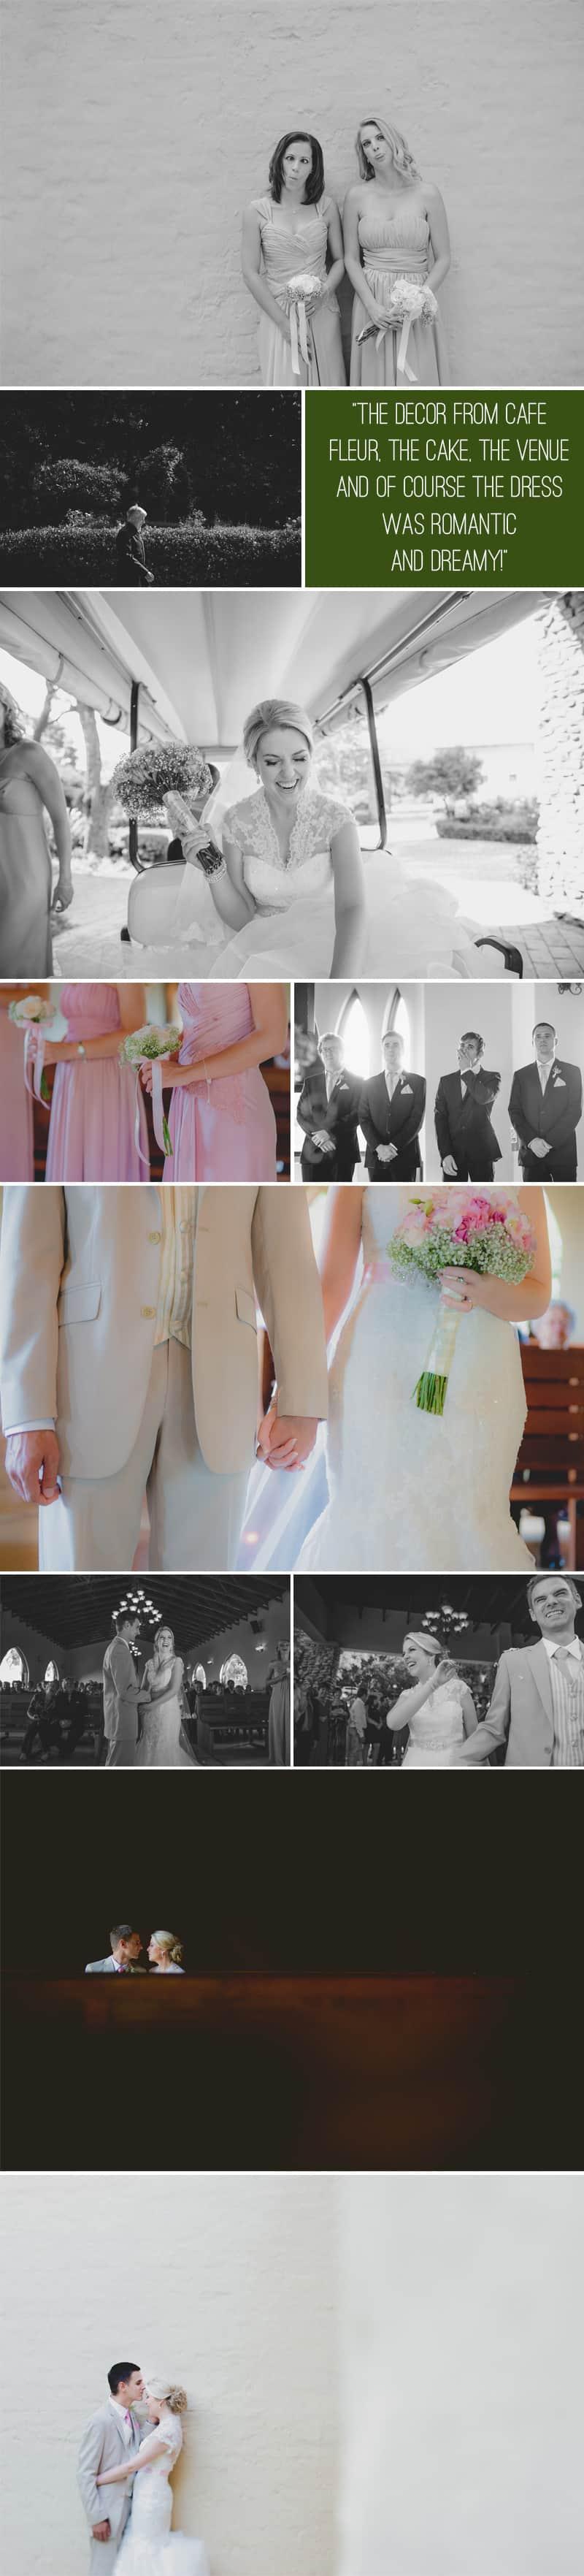 Romantic Wedding 3